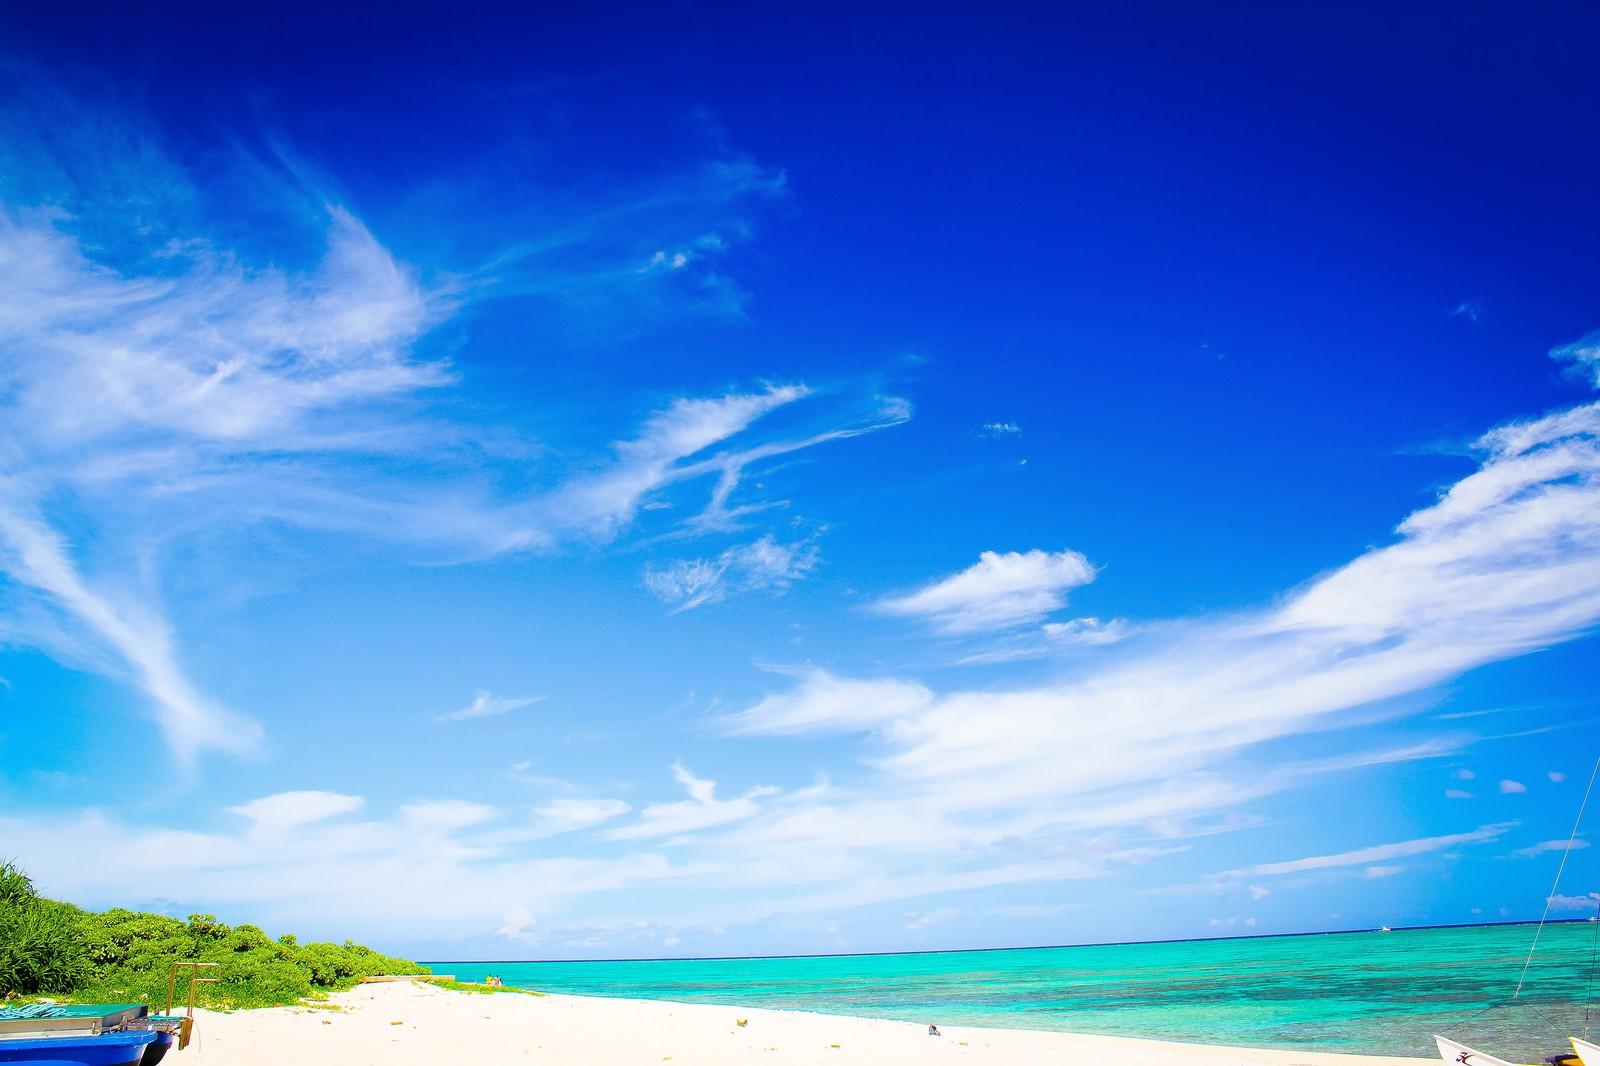 「石垣島のビーチ | 写真の無料素材・フリー素材 - ぱくたそ」の写真